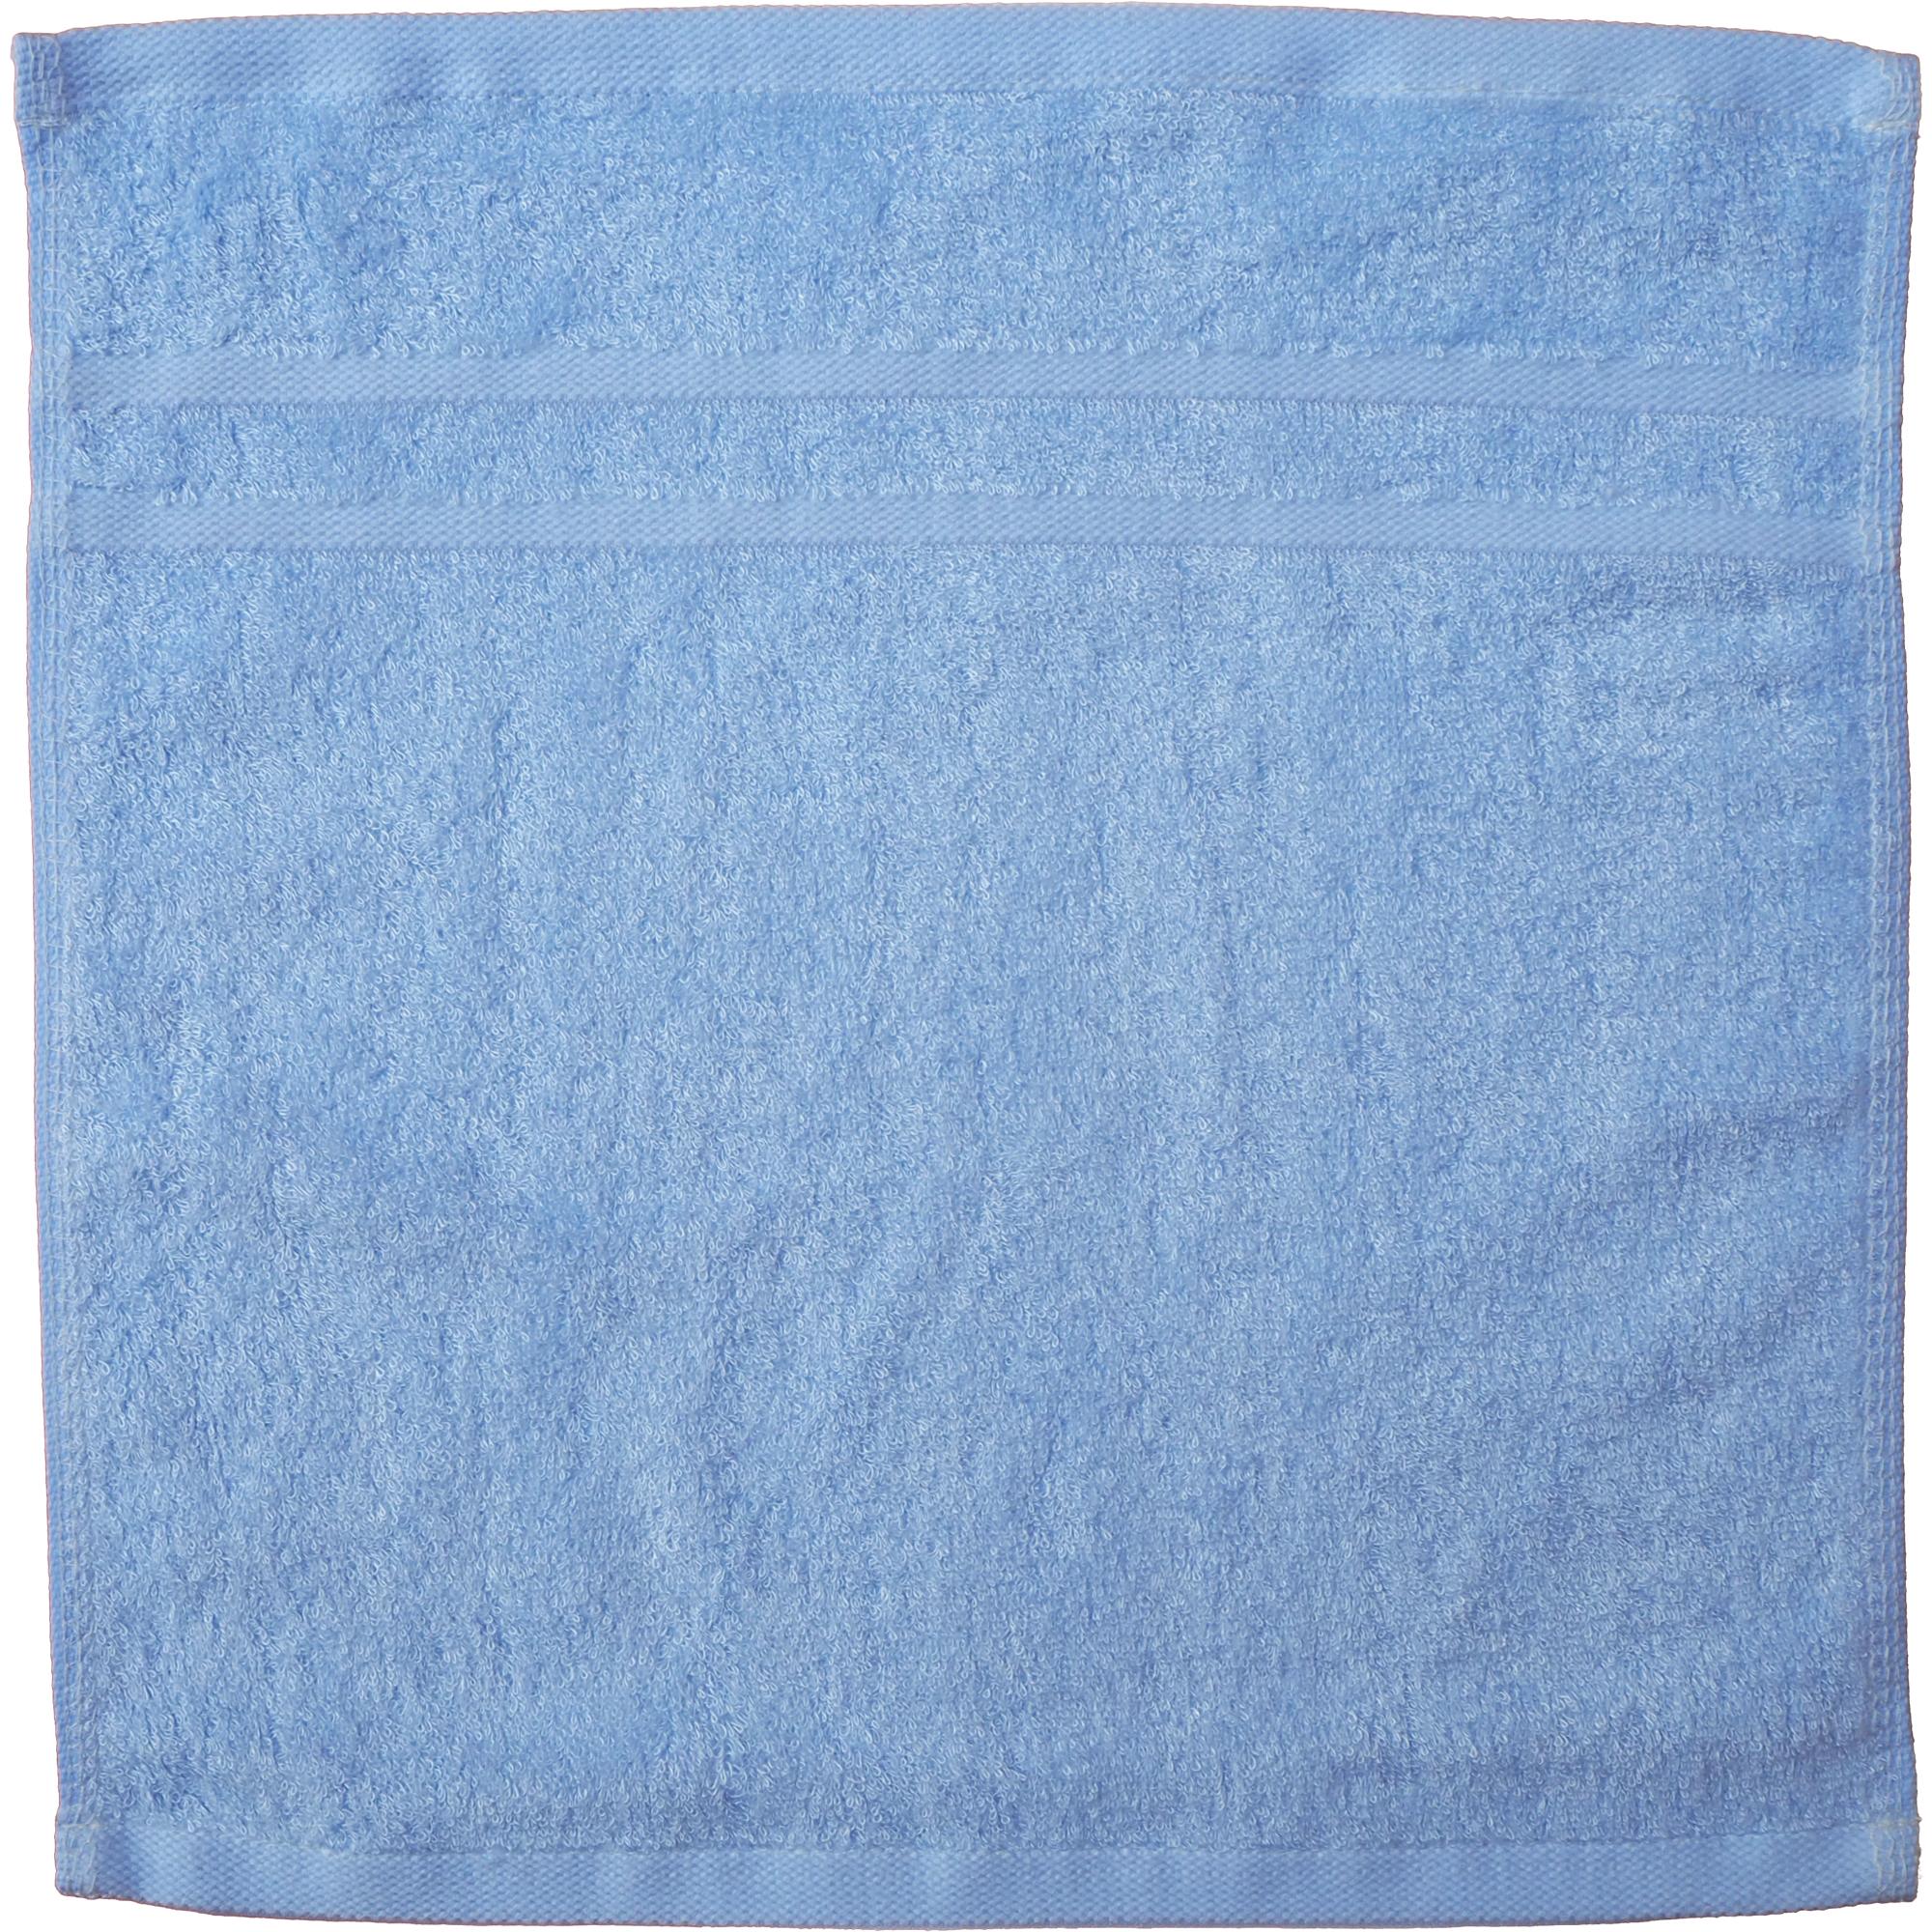 TCOTเยื่อไผ่ผ้าเช็ดหน้า33x33-สีฟ้าคราม